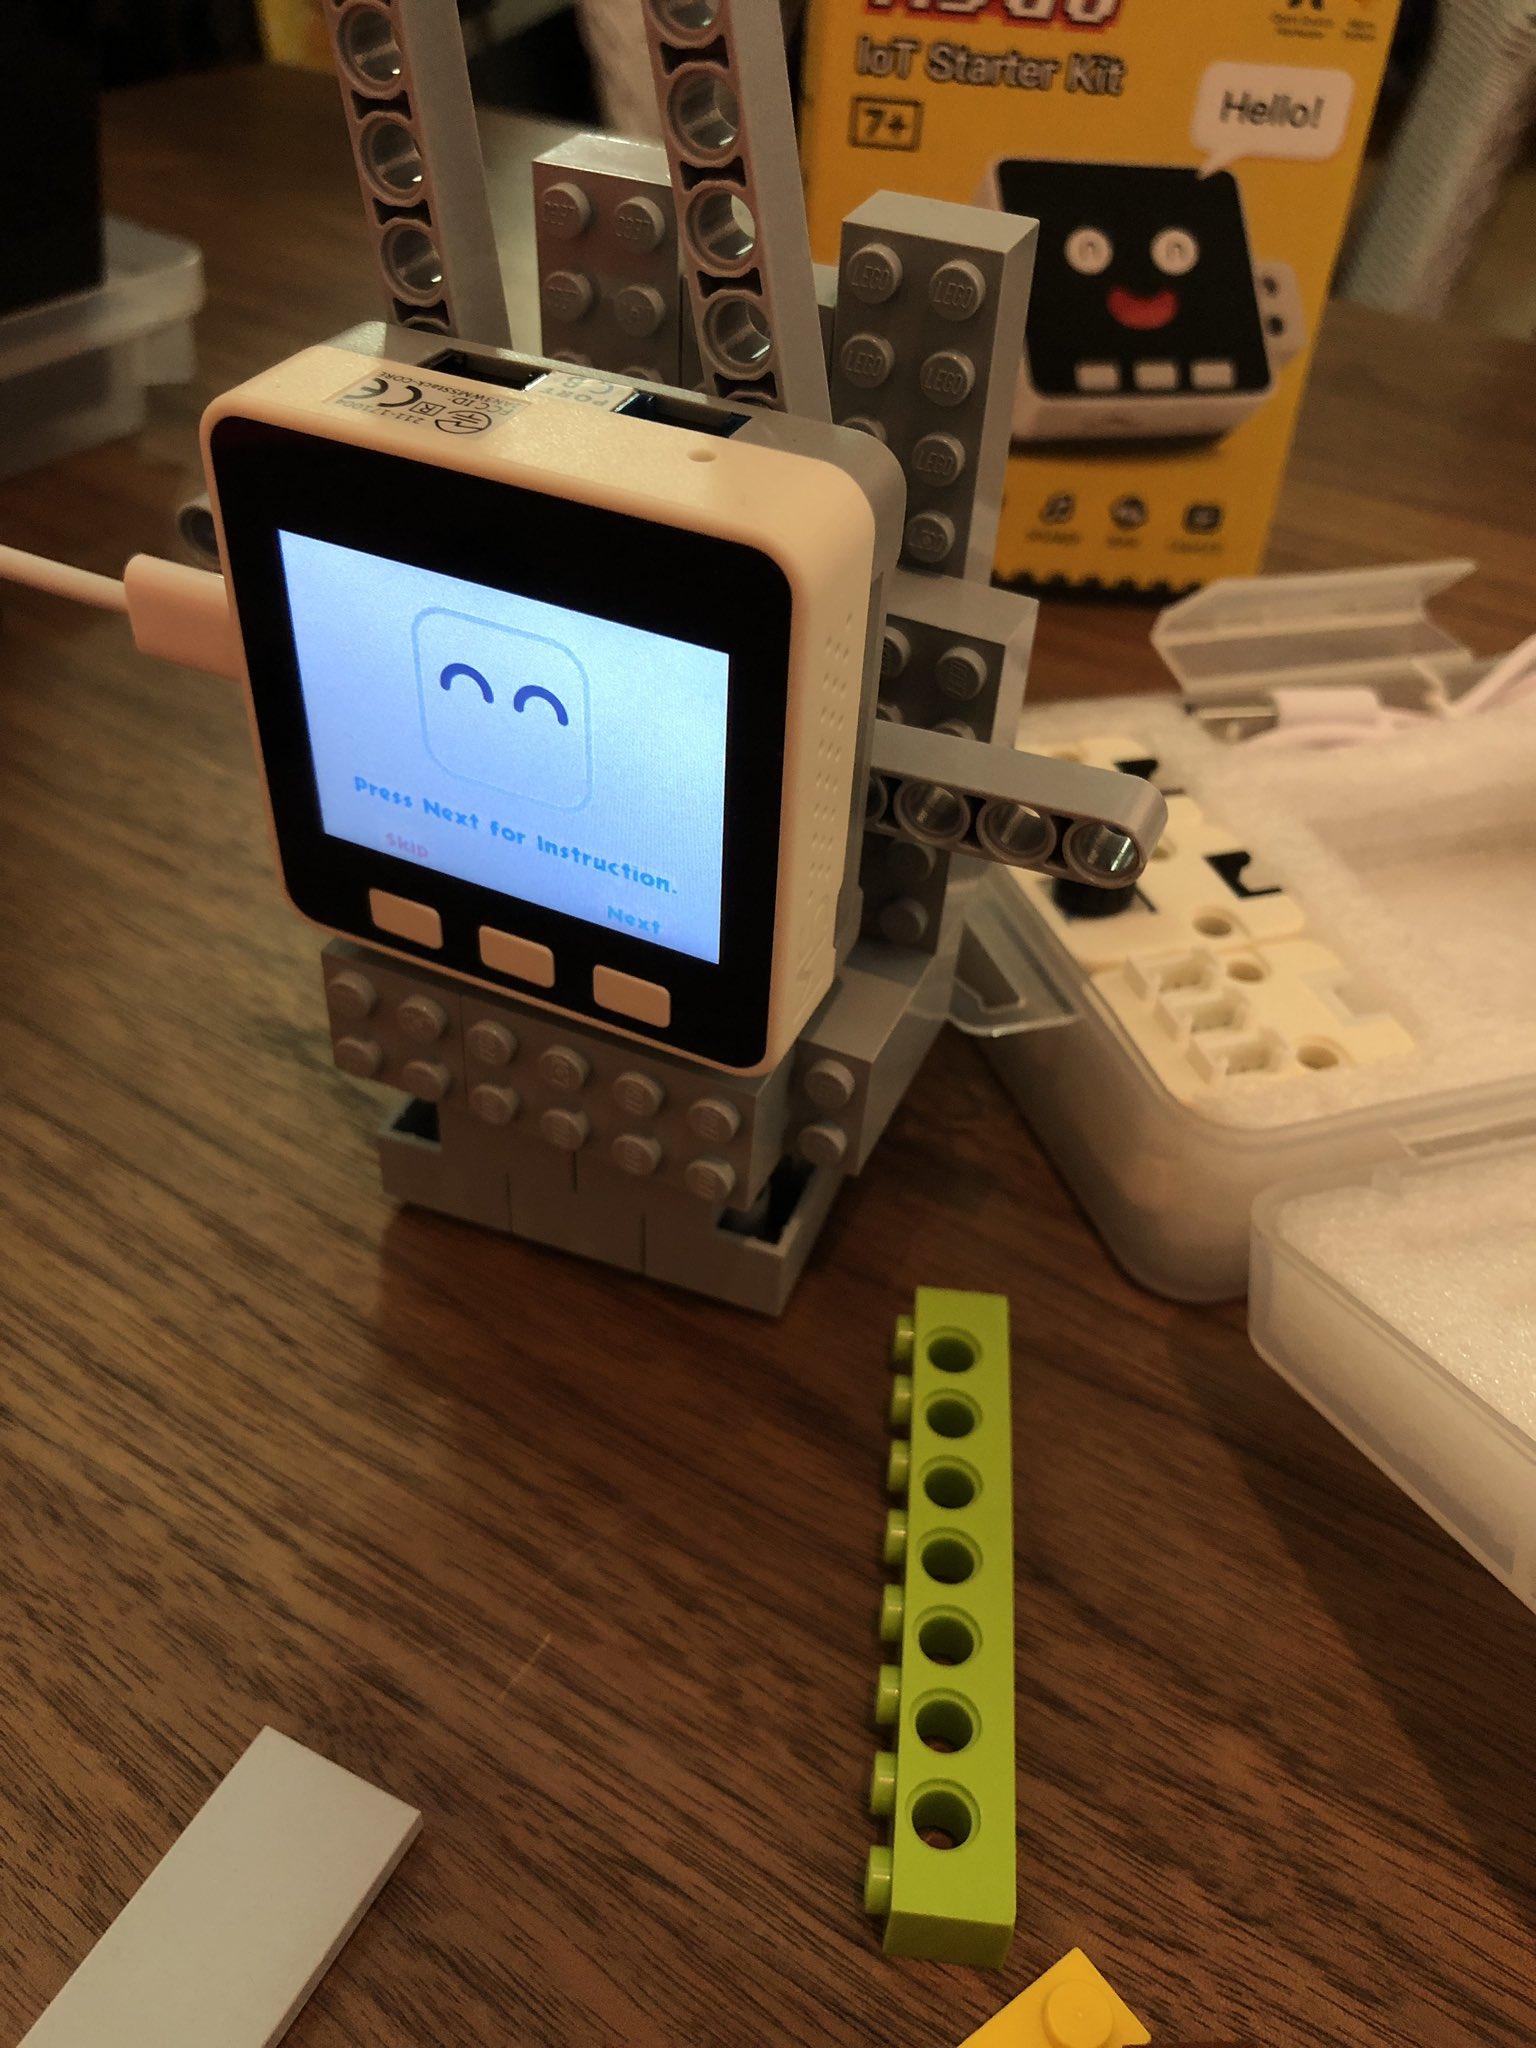 昨日ウチの子が作りかけてた M5GO で TV台ぽいやつ。1年ぶりに箱から出して使い始める。前回はネット接続がうまくできなかったので面倒になって放置してた。 https://t.co/C8ErHI1lJ8